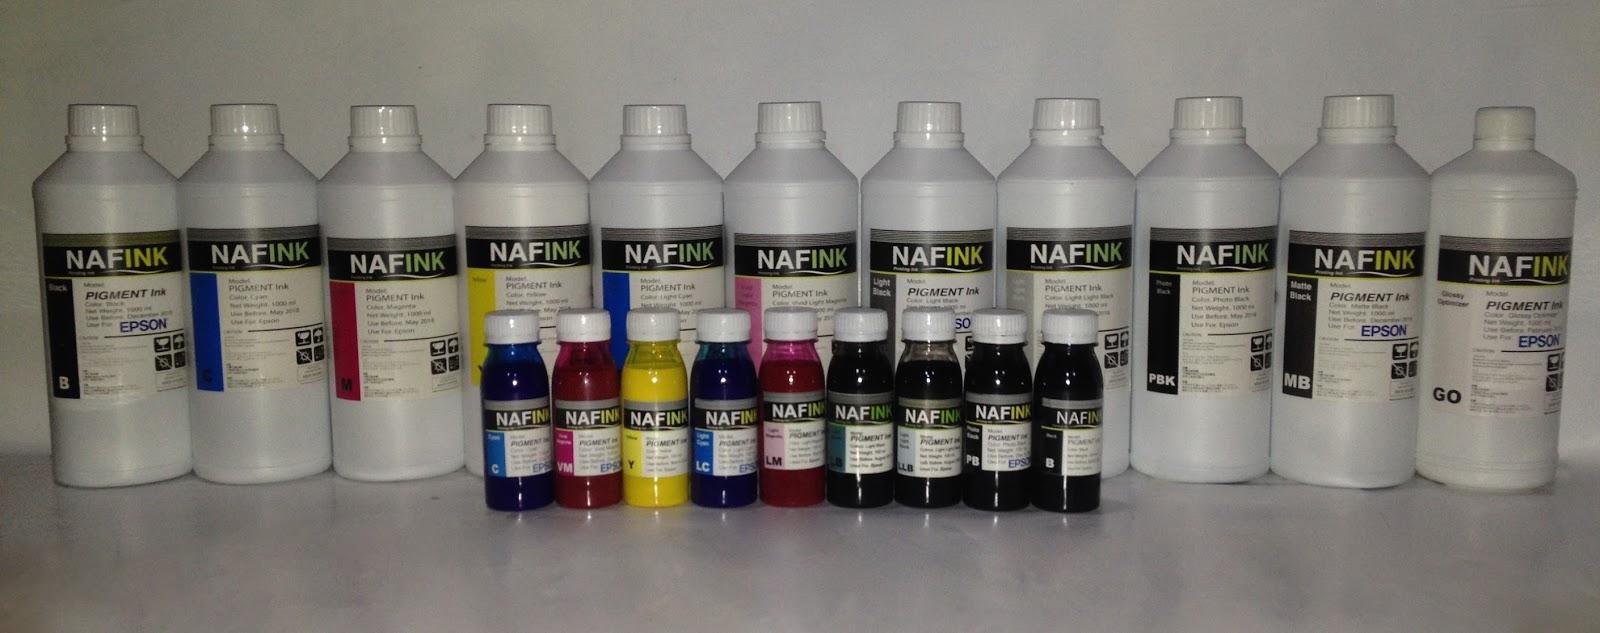 Jual Tinta Pigment Epson Canon Dan Hp Merek Naf Ink Kualitas Head Ix6560 Bagus Terbaik Harga Murah Bersaing Bersahabat Grosir